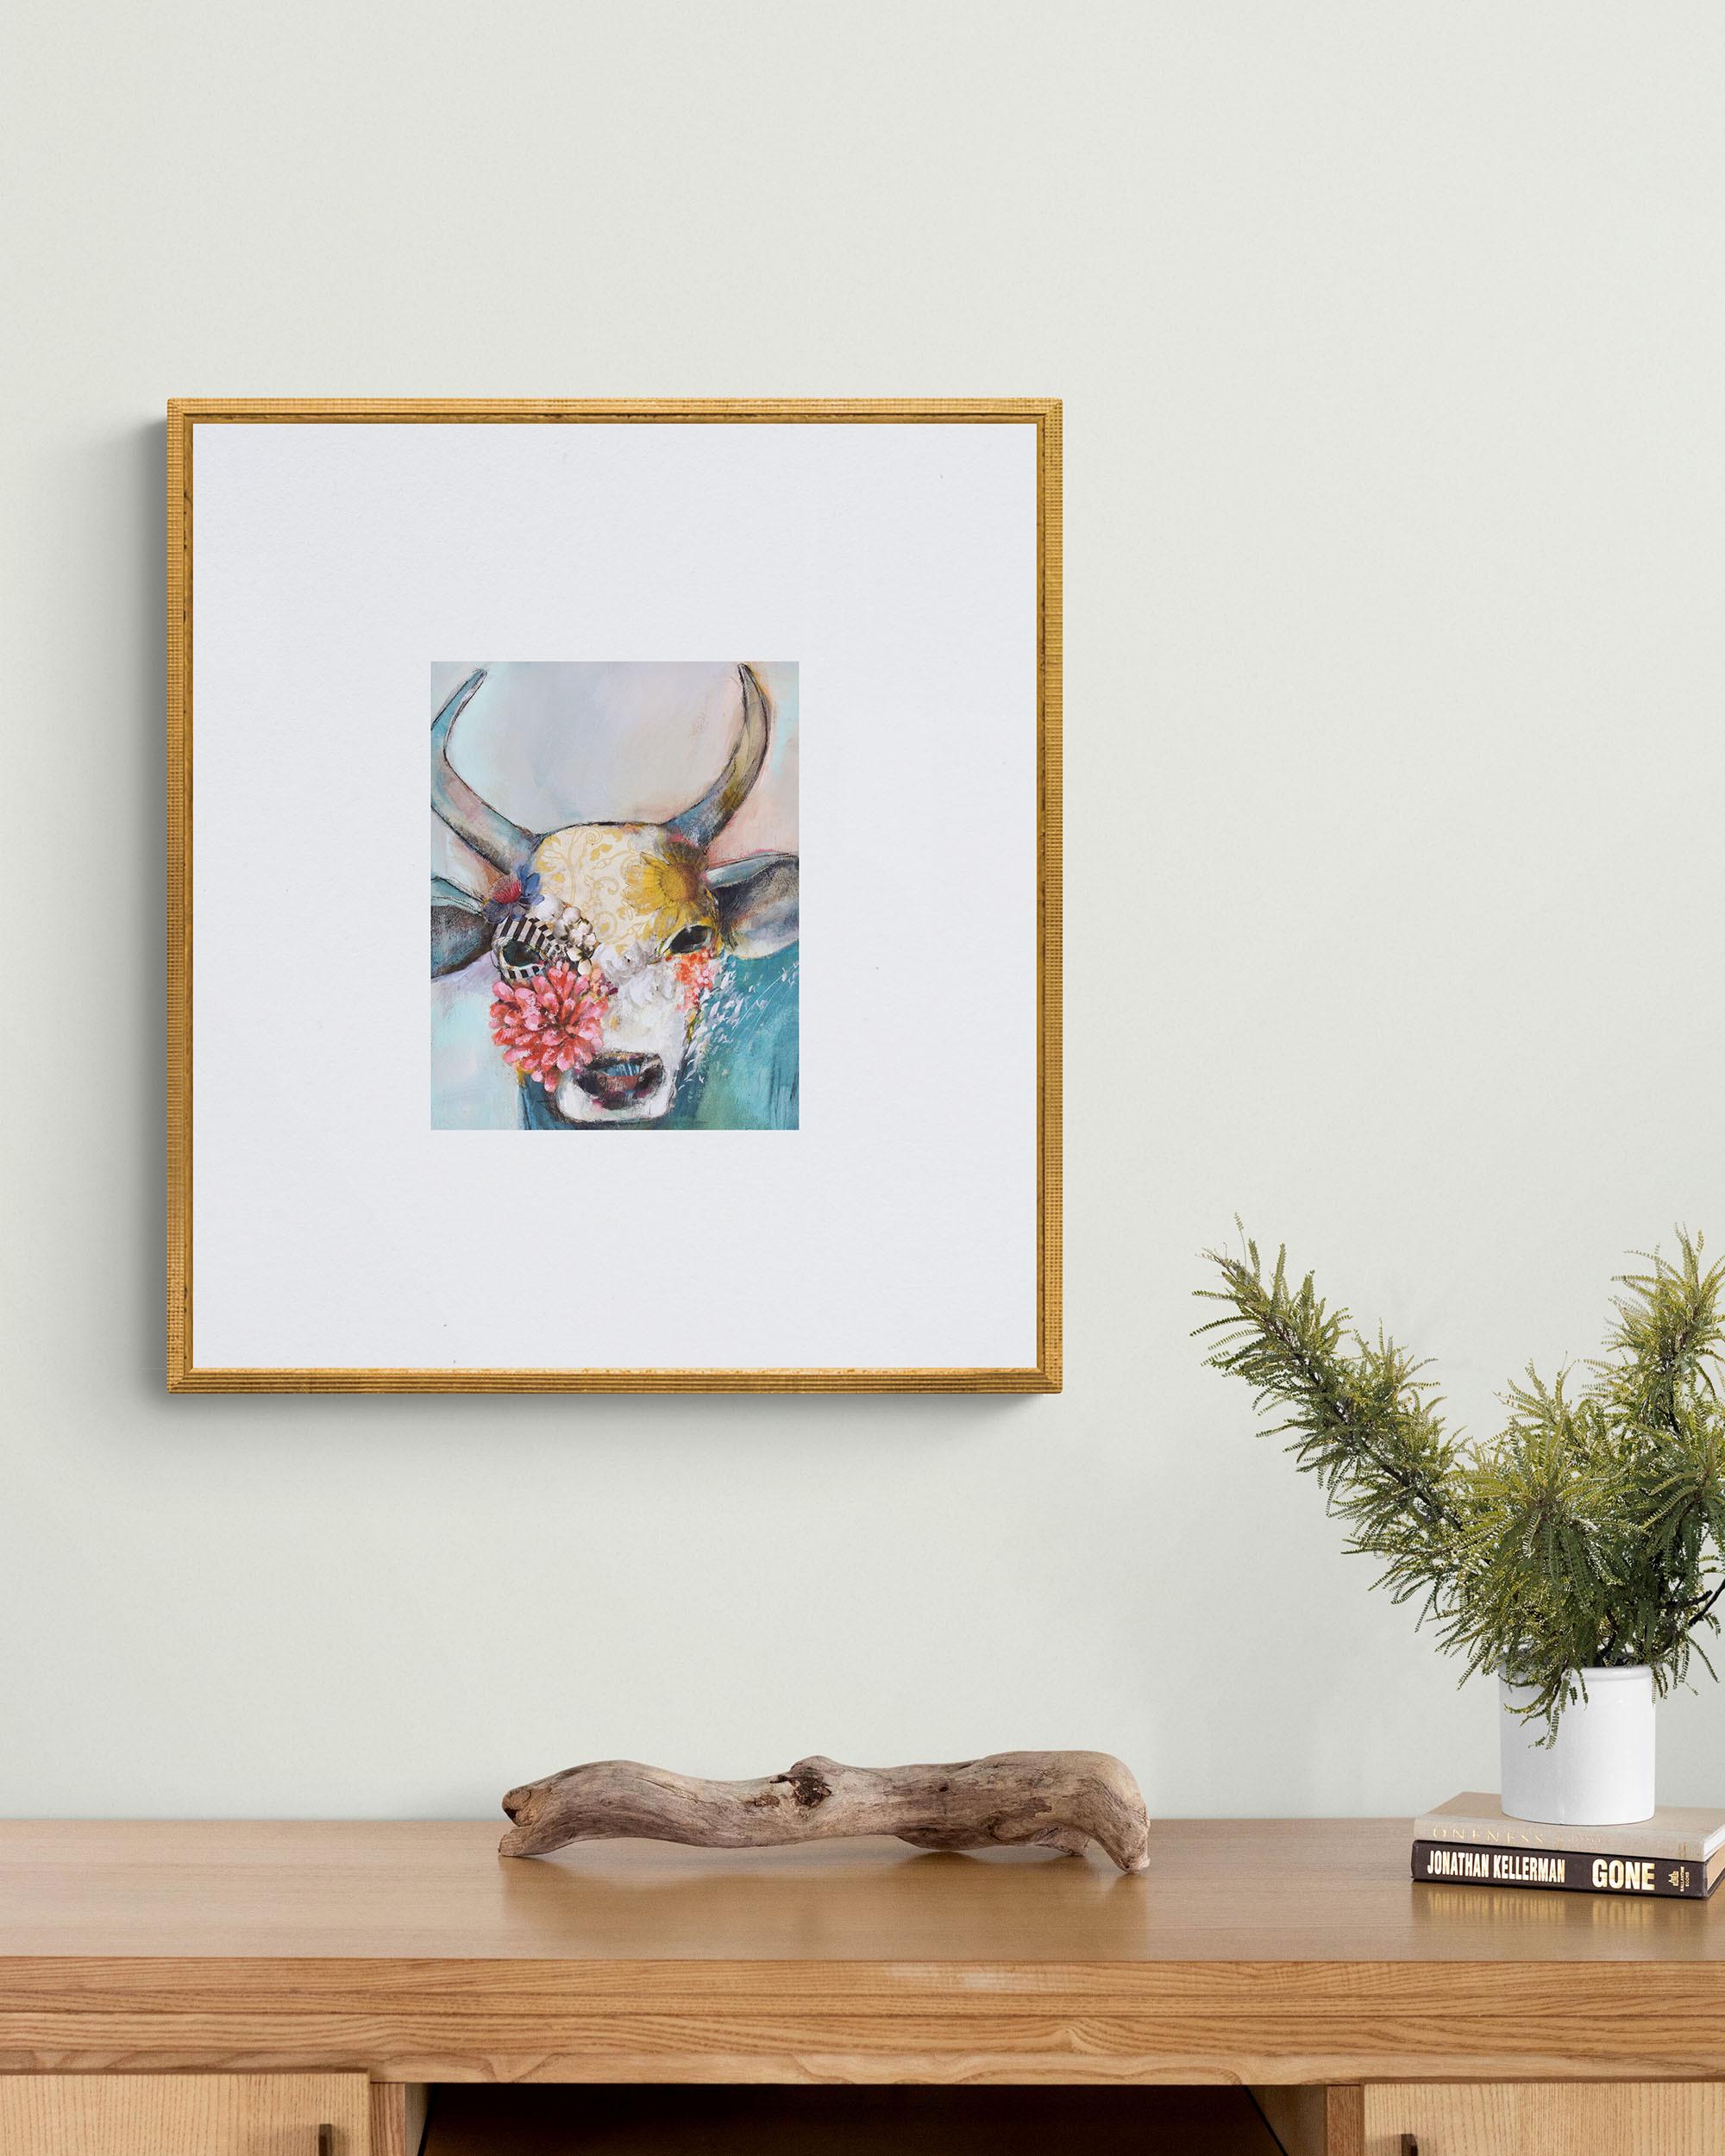 Thisistheonlyparadise framed lypypk